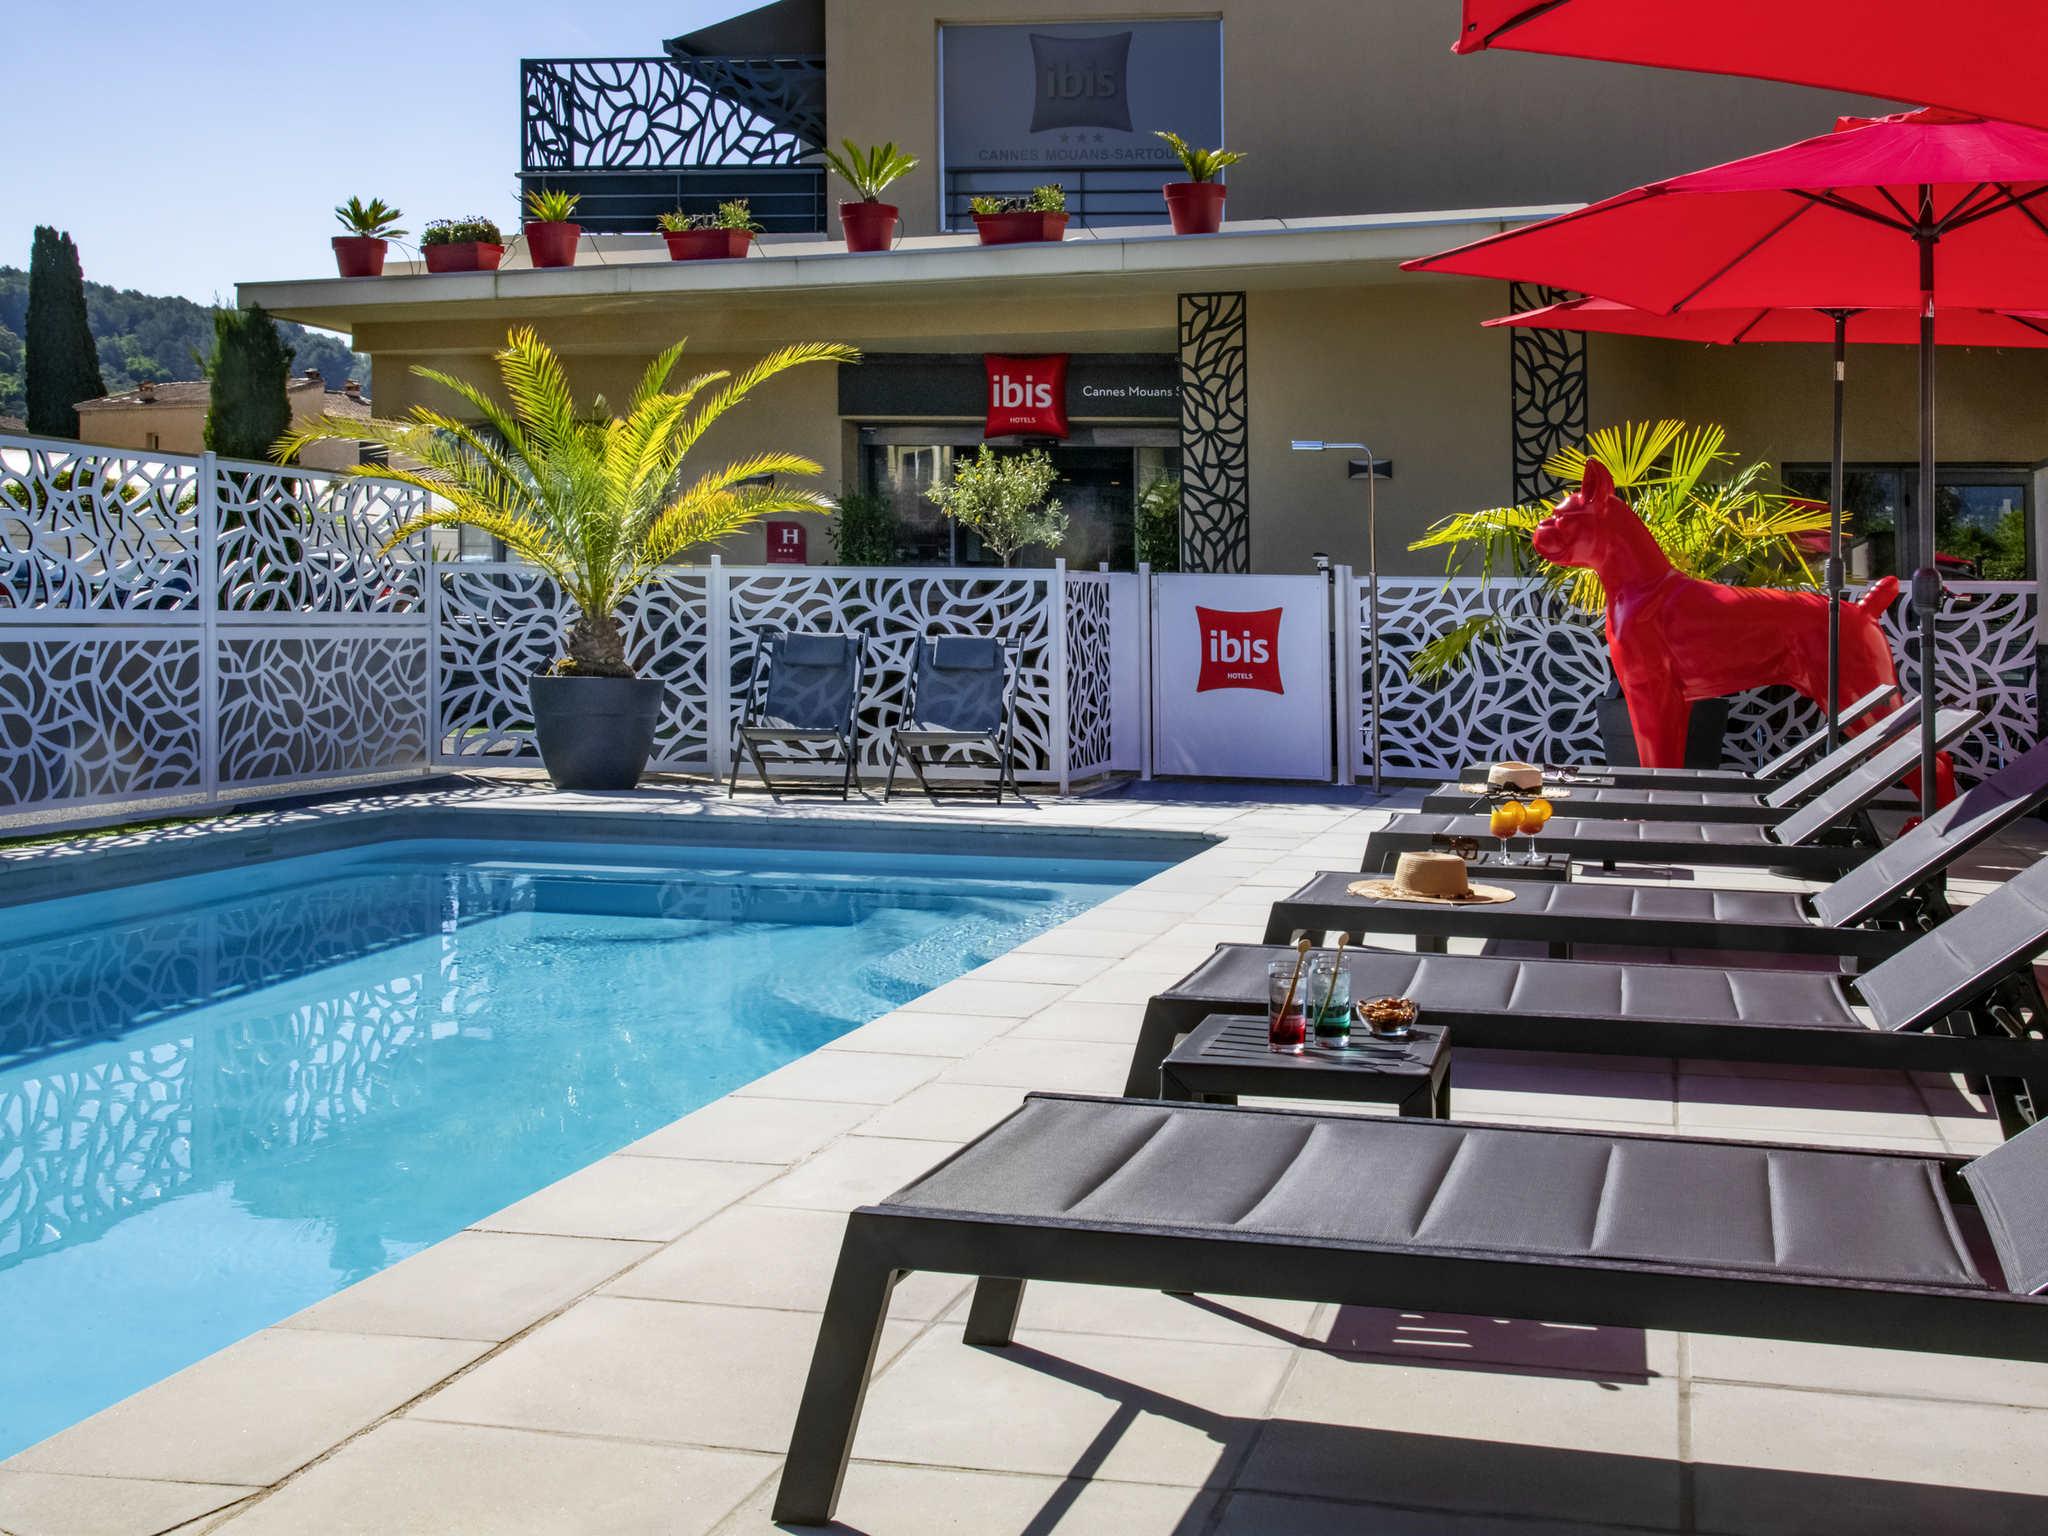 Hotel – ibis Cannes Mouans-Sartoux